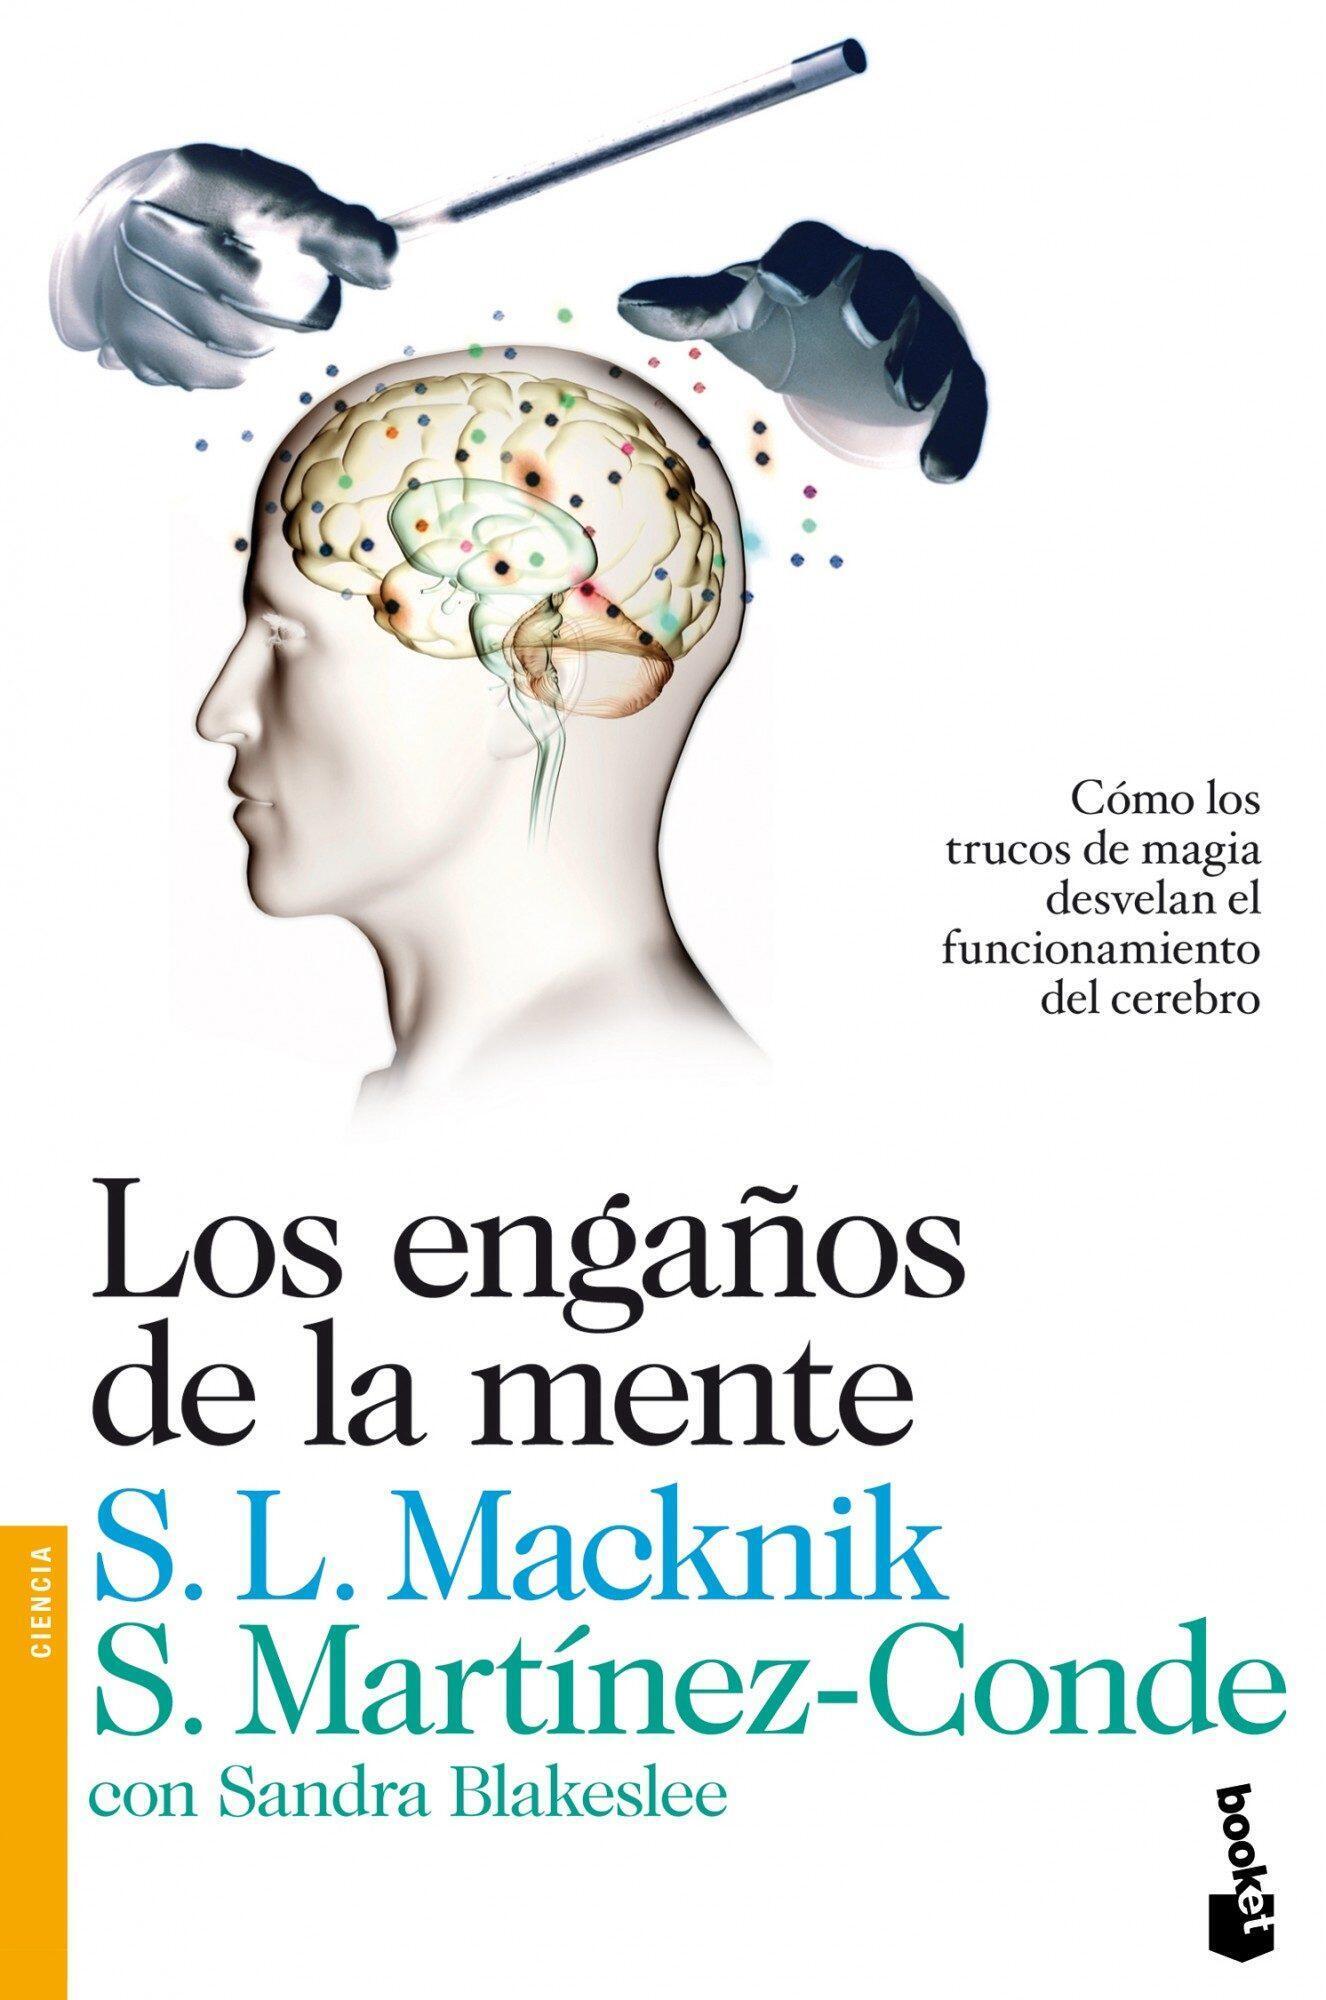 Carátula de 'Los engaños de la mente' de Susana Martínez-Conde y Stephen L. Macknik